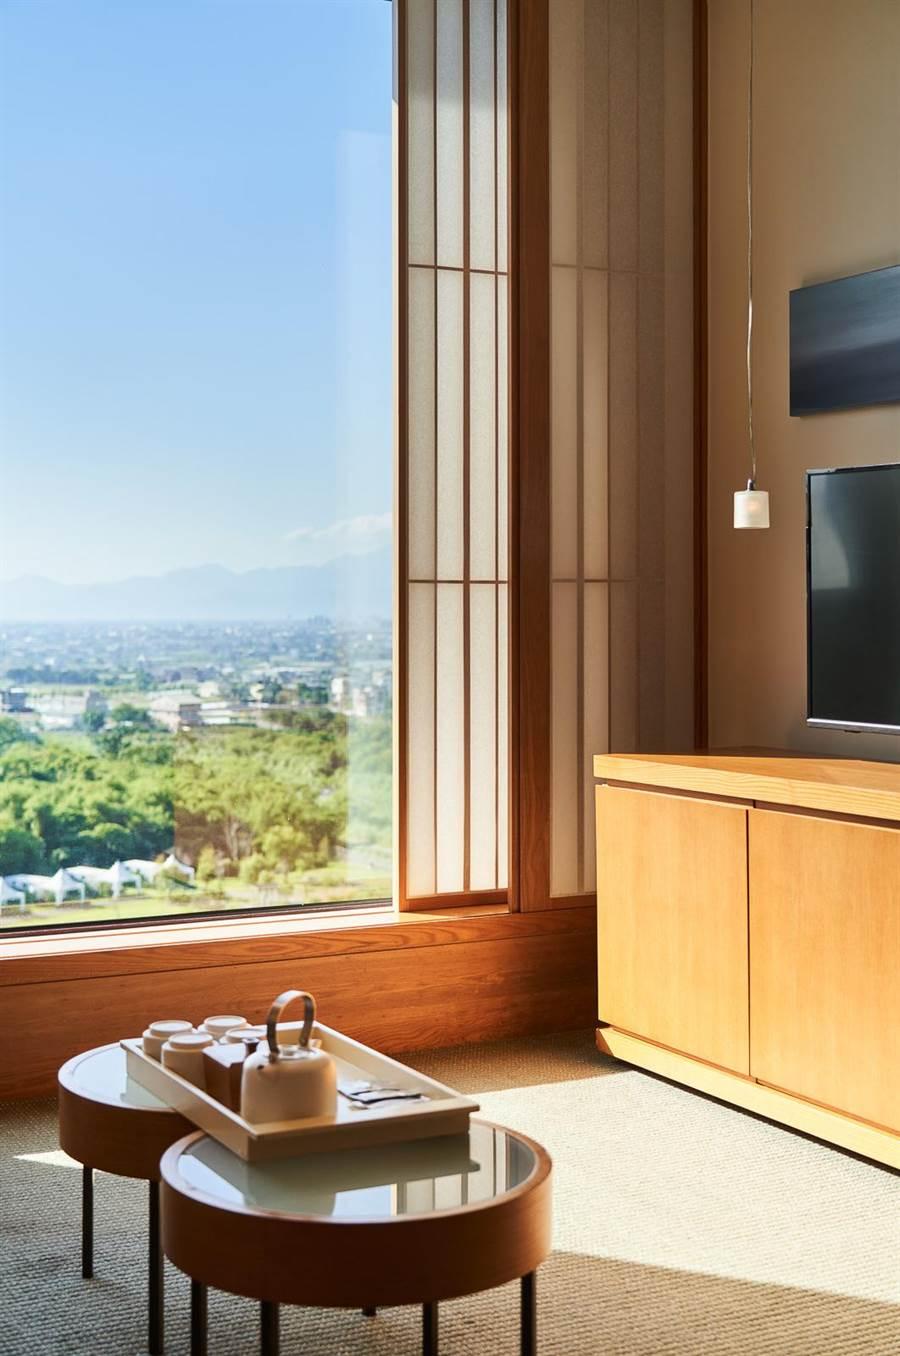 館內「蘭陽平原景觀溫泉套房」典雅舒適,提供旅人絕佳入住體驗。(圖片提供/礁溪老爺)